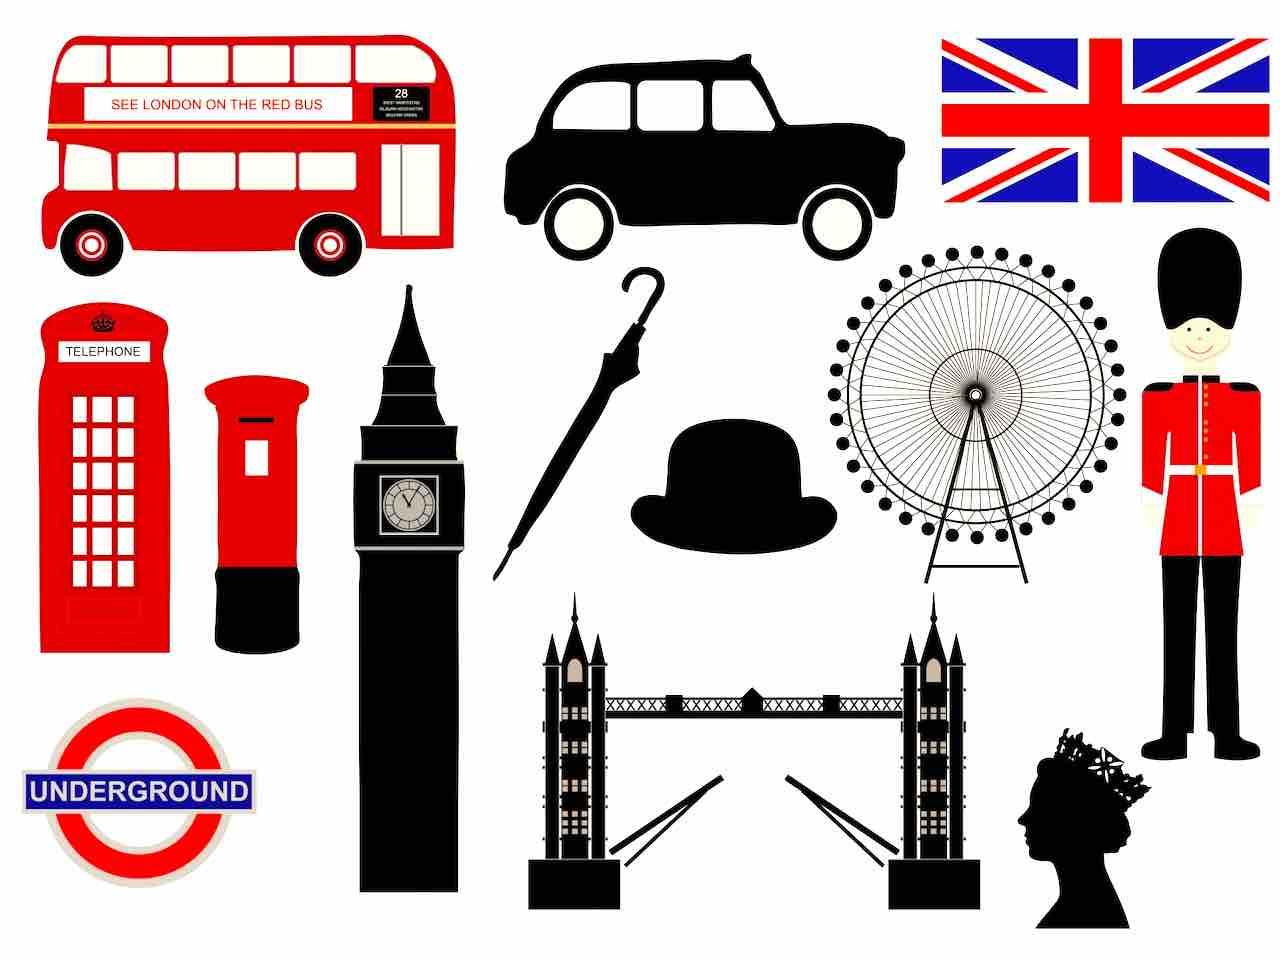 Hot Spot London: Hier spielt die Musik, hier werden die meisten Geschäfte gemacht (Grafik Karen Arnold, Pixabay)